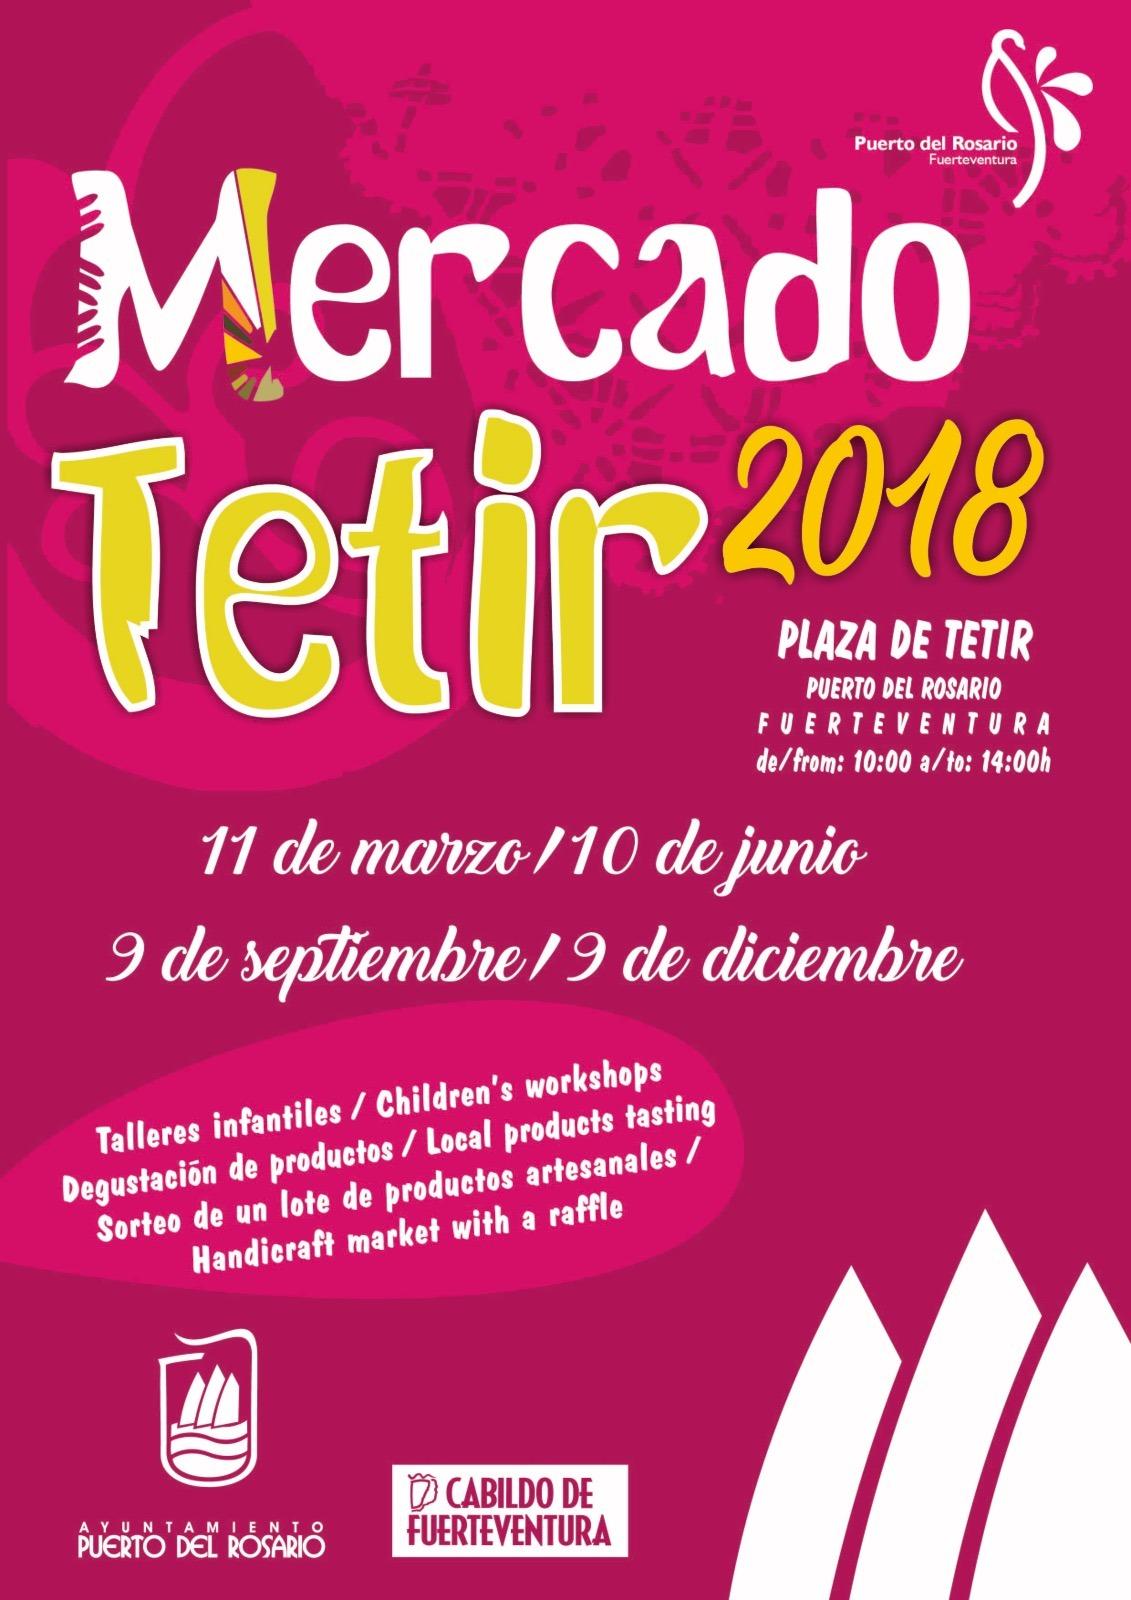 Mercado Tetir 2018